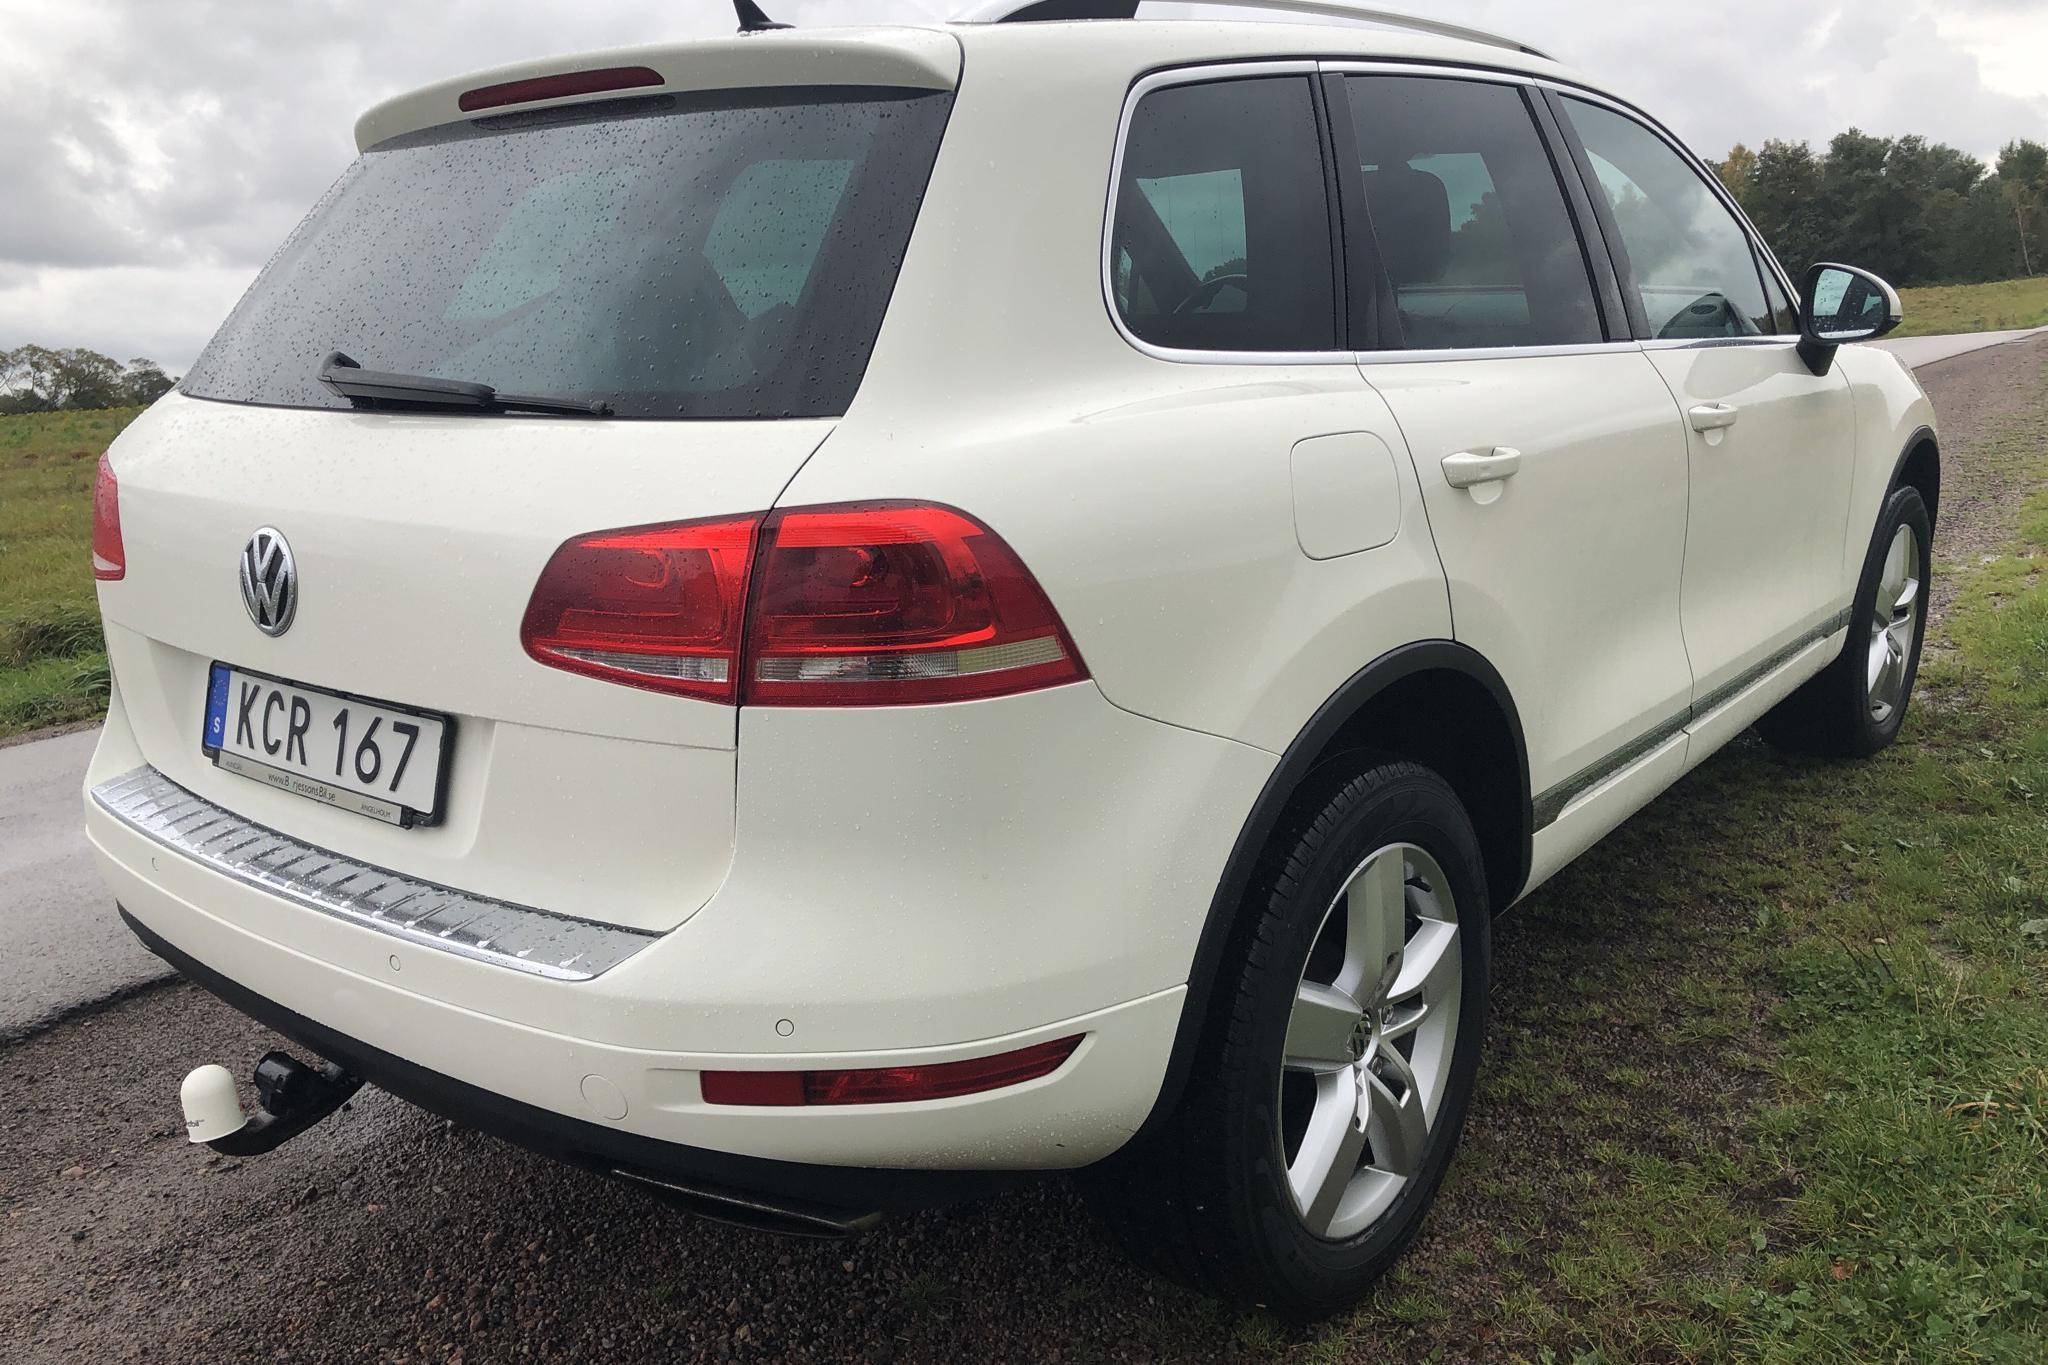 VW Touareg V8 TDI (340hk) - 210 000 km - Automatic - white - 2012